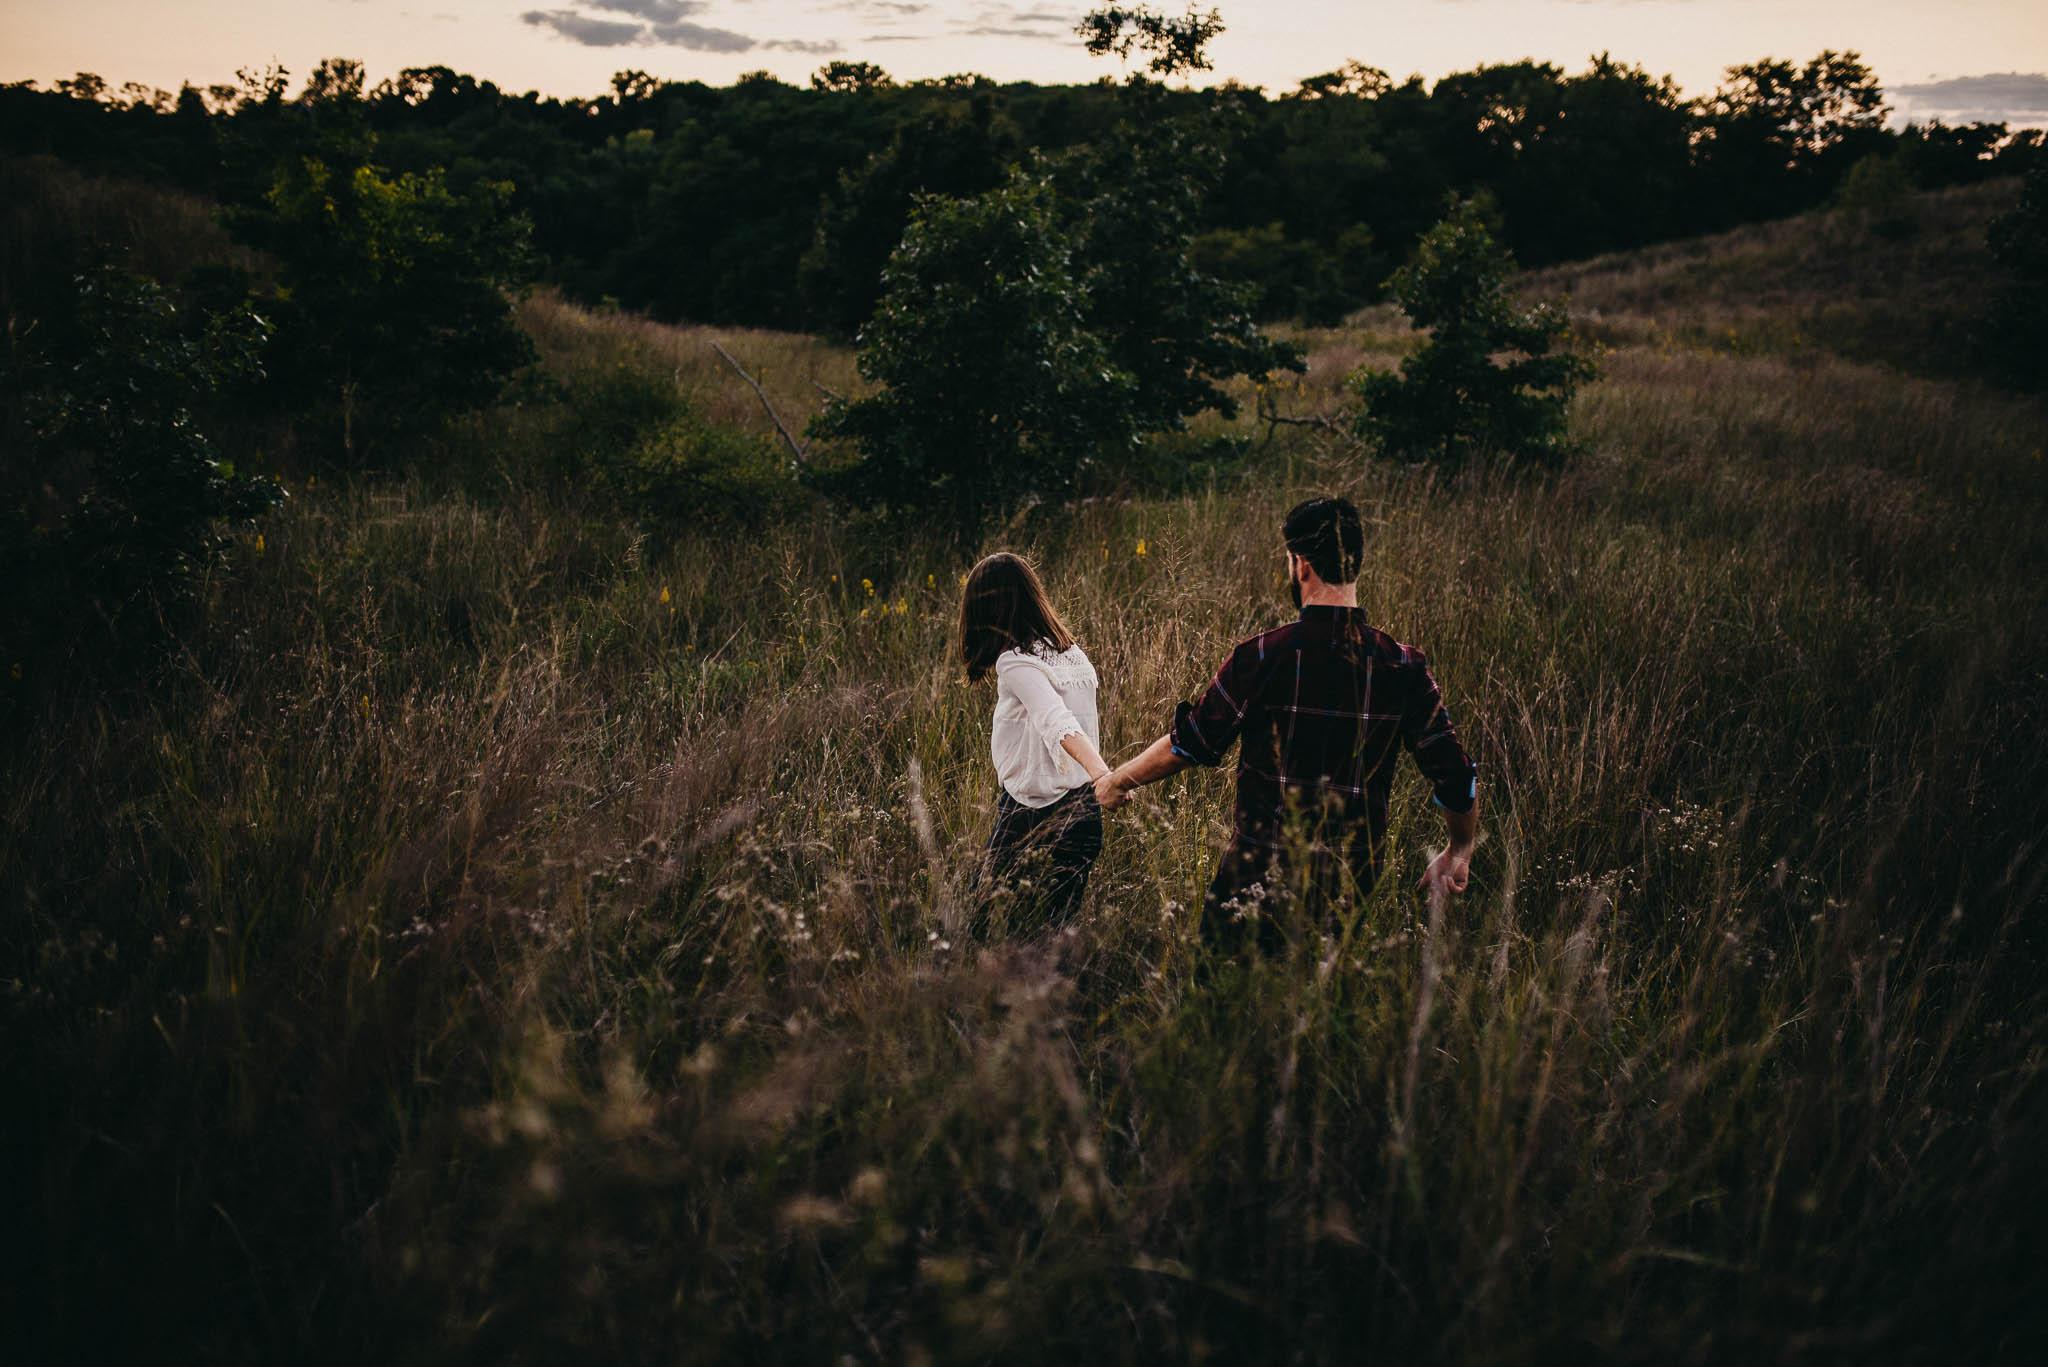 woman leading man through tall grass